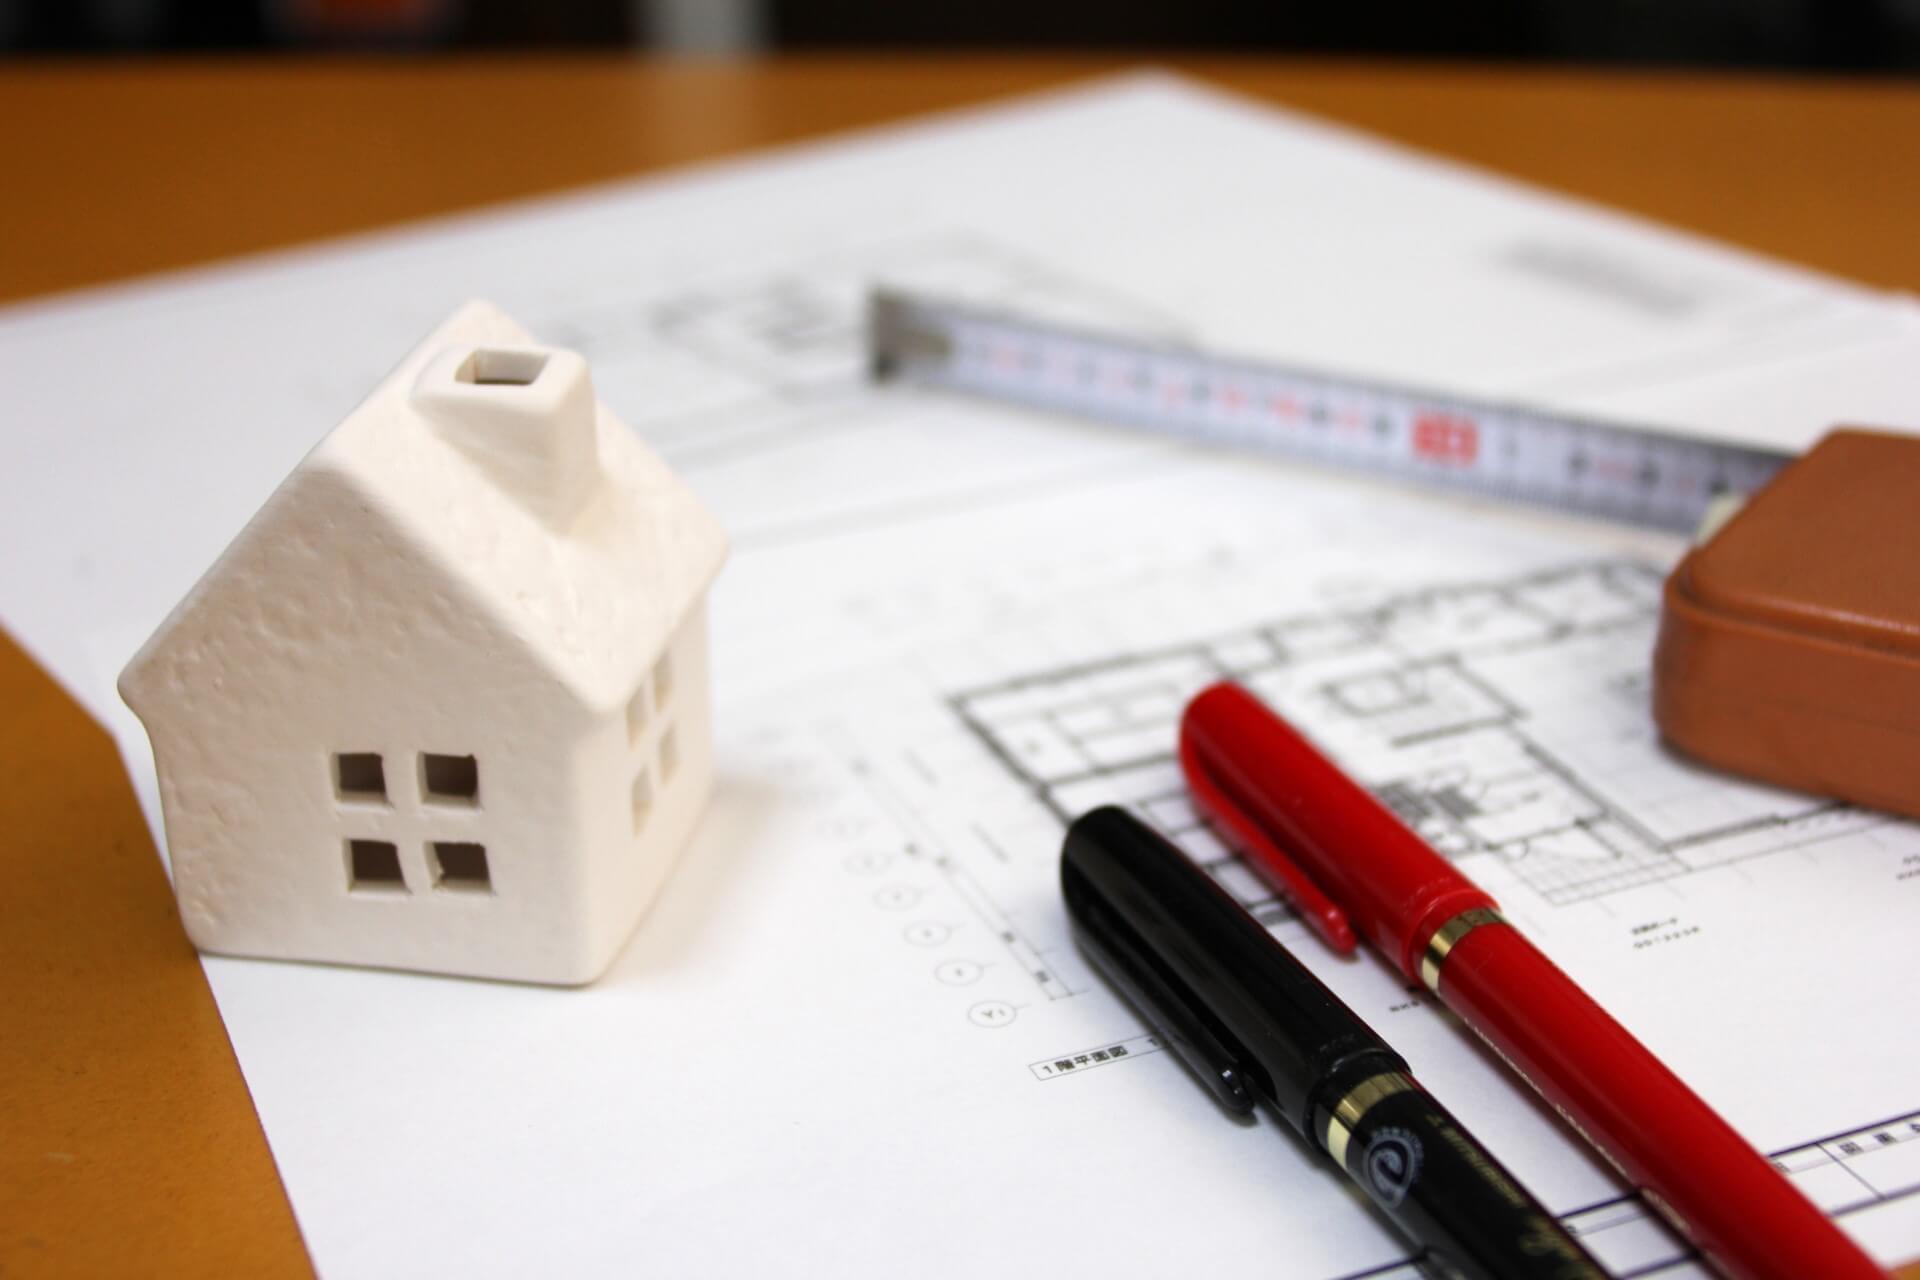 リフォーム工事瑕疵保険を検討する